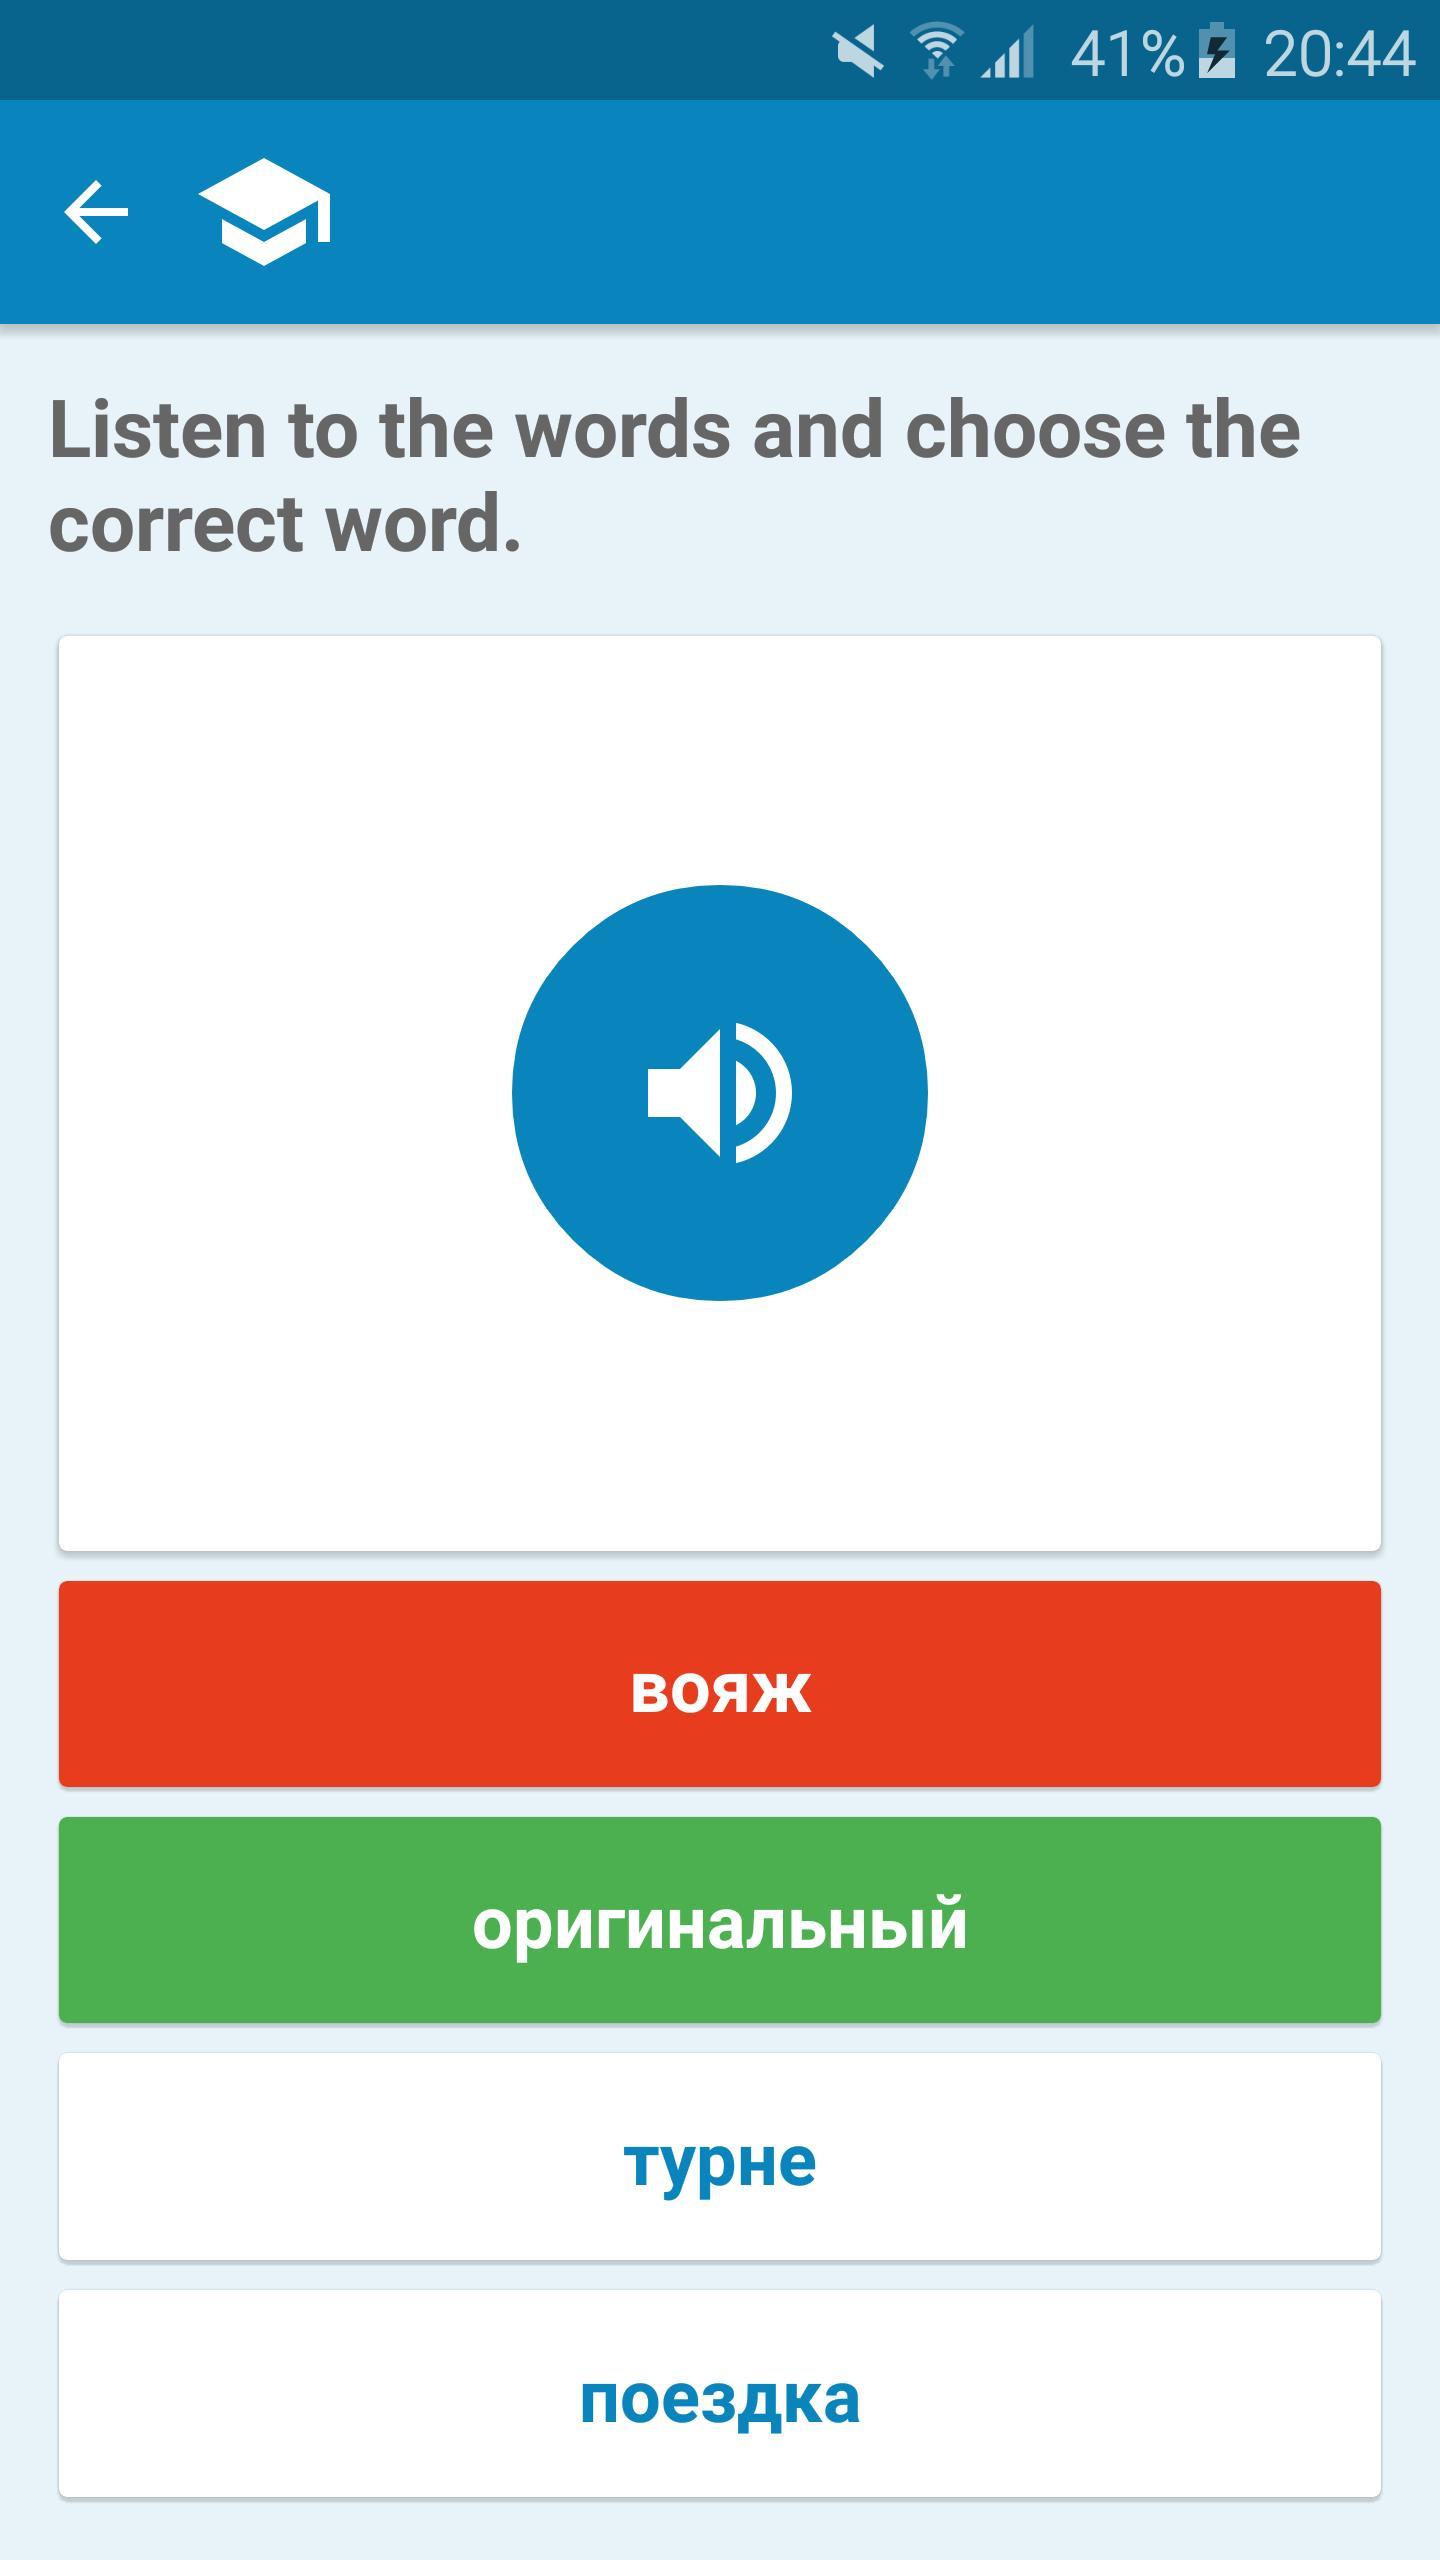 русско румынский словарь скачать